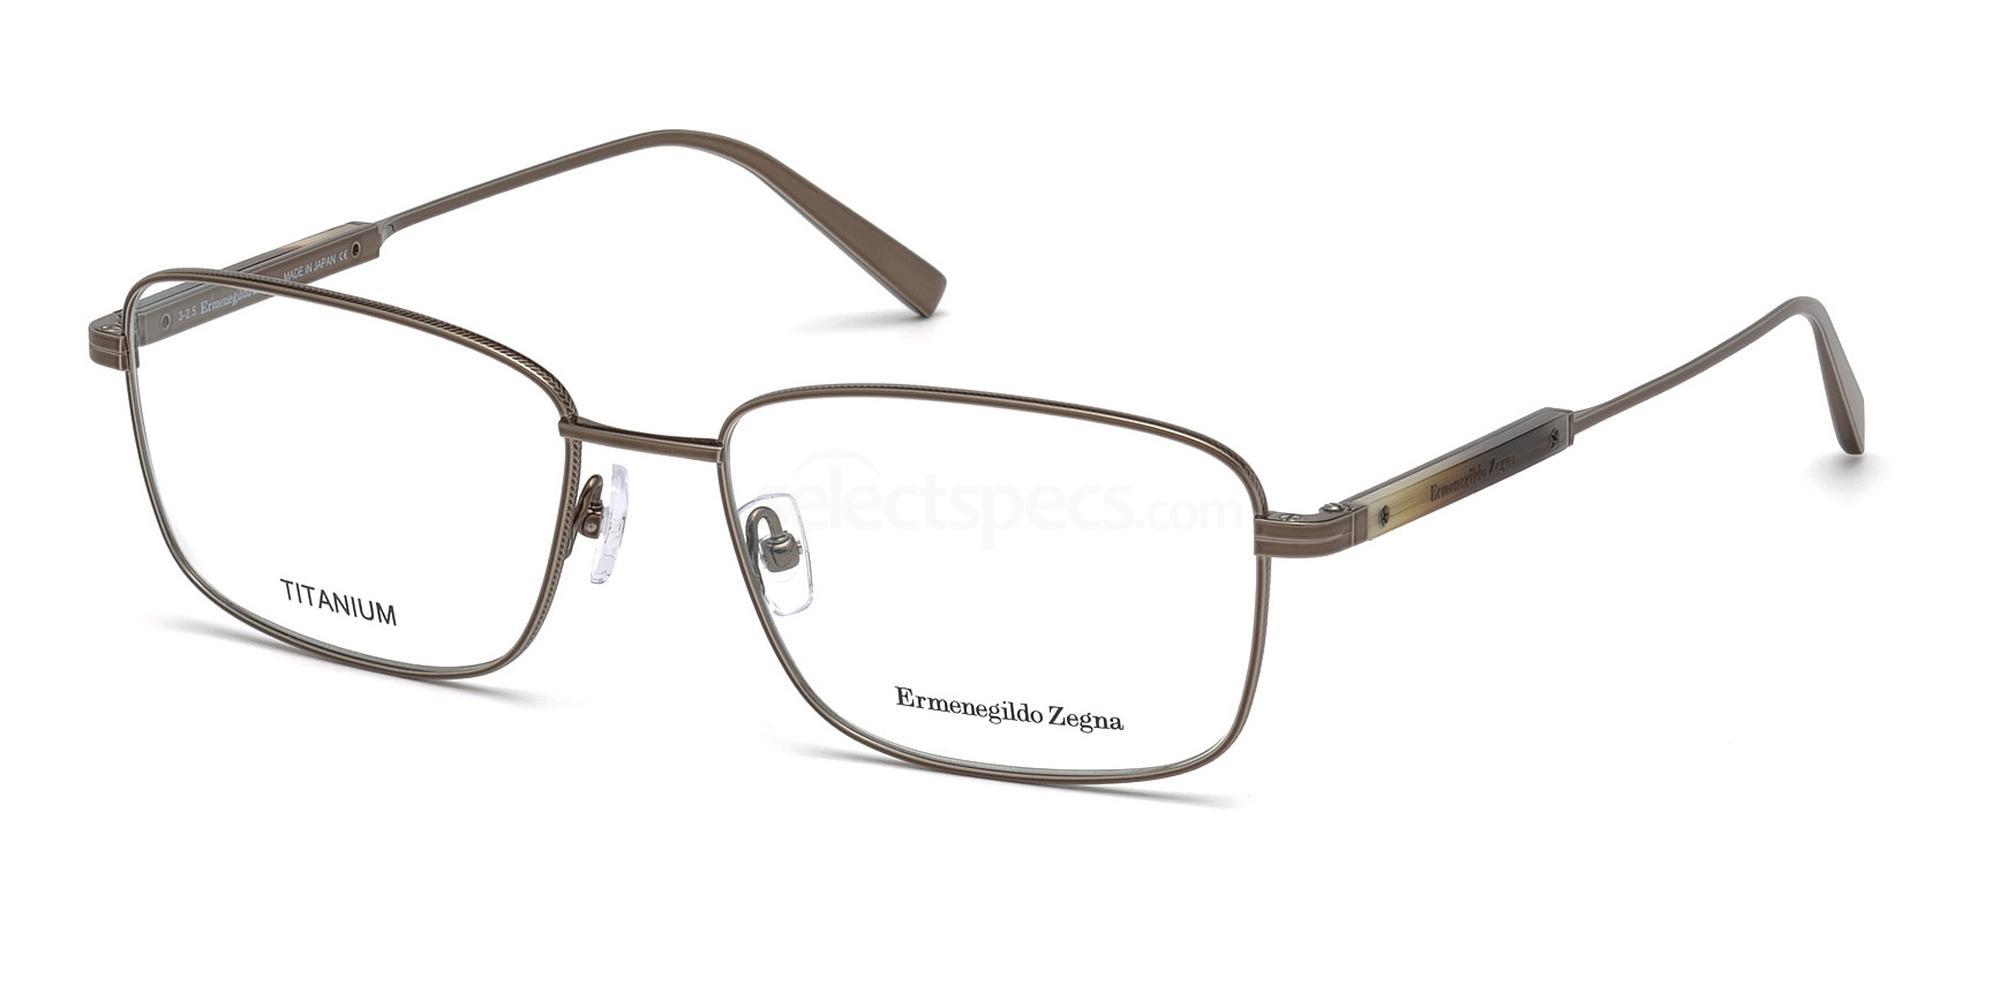 034 EZ5063 Glasses, Ermenegildo Zegna